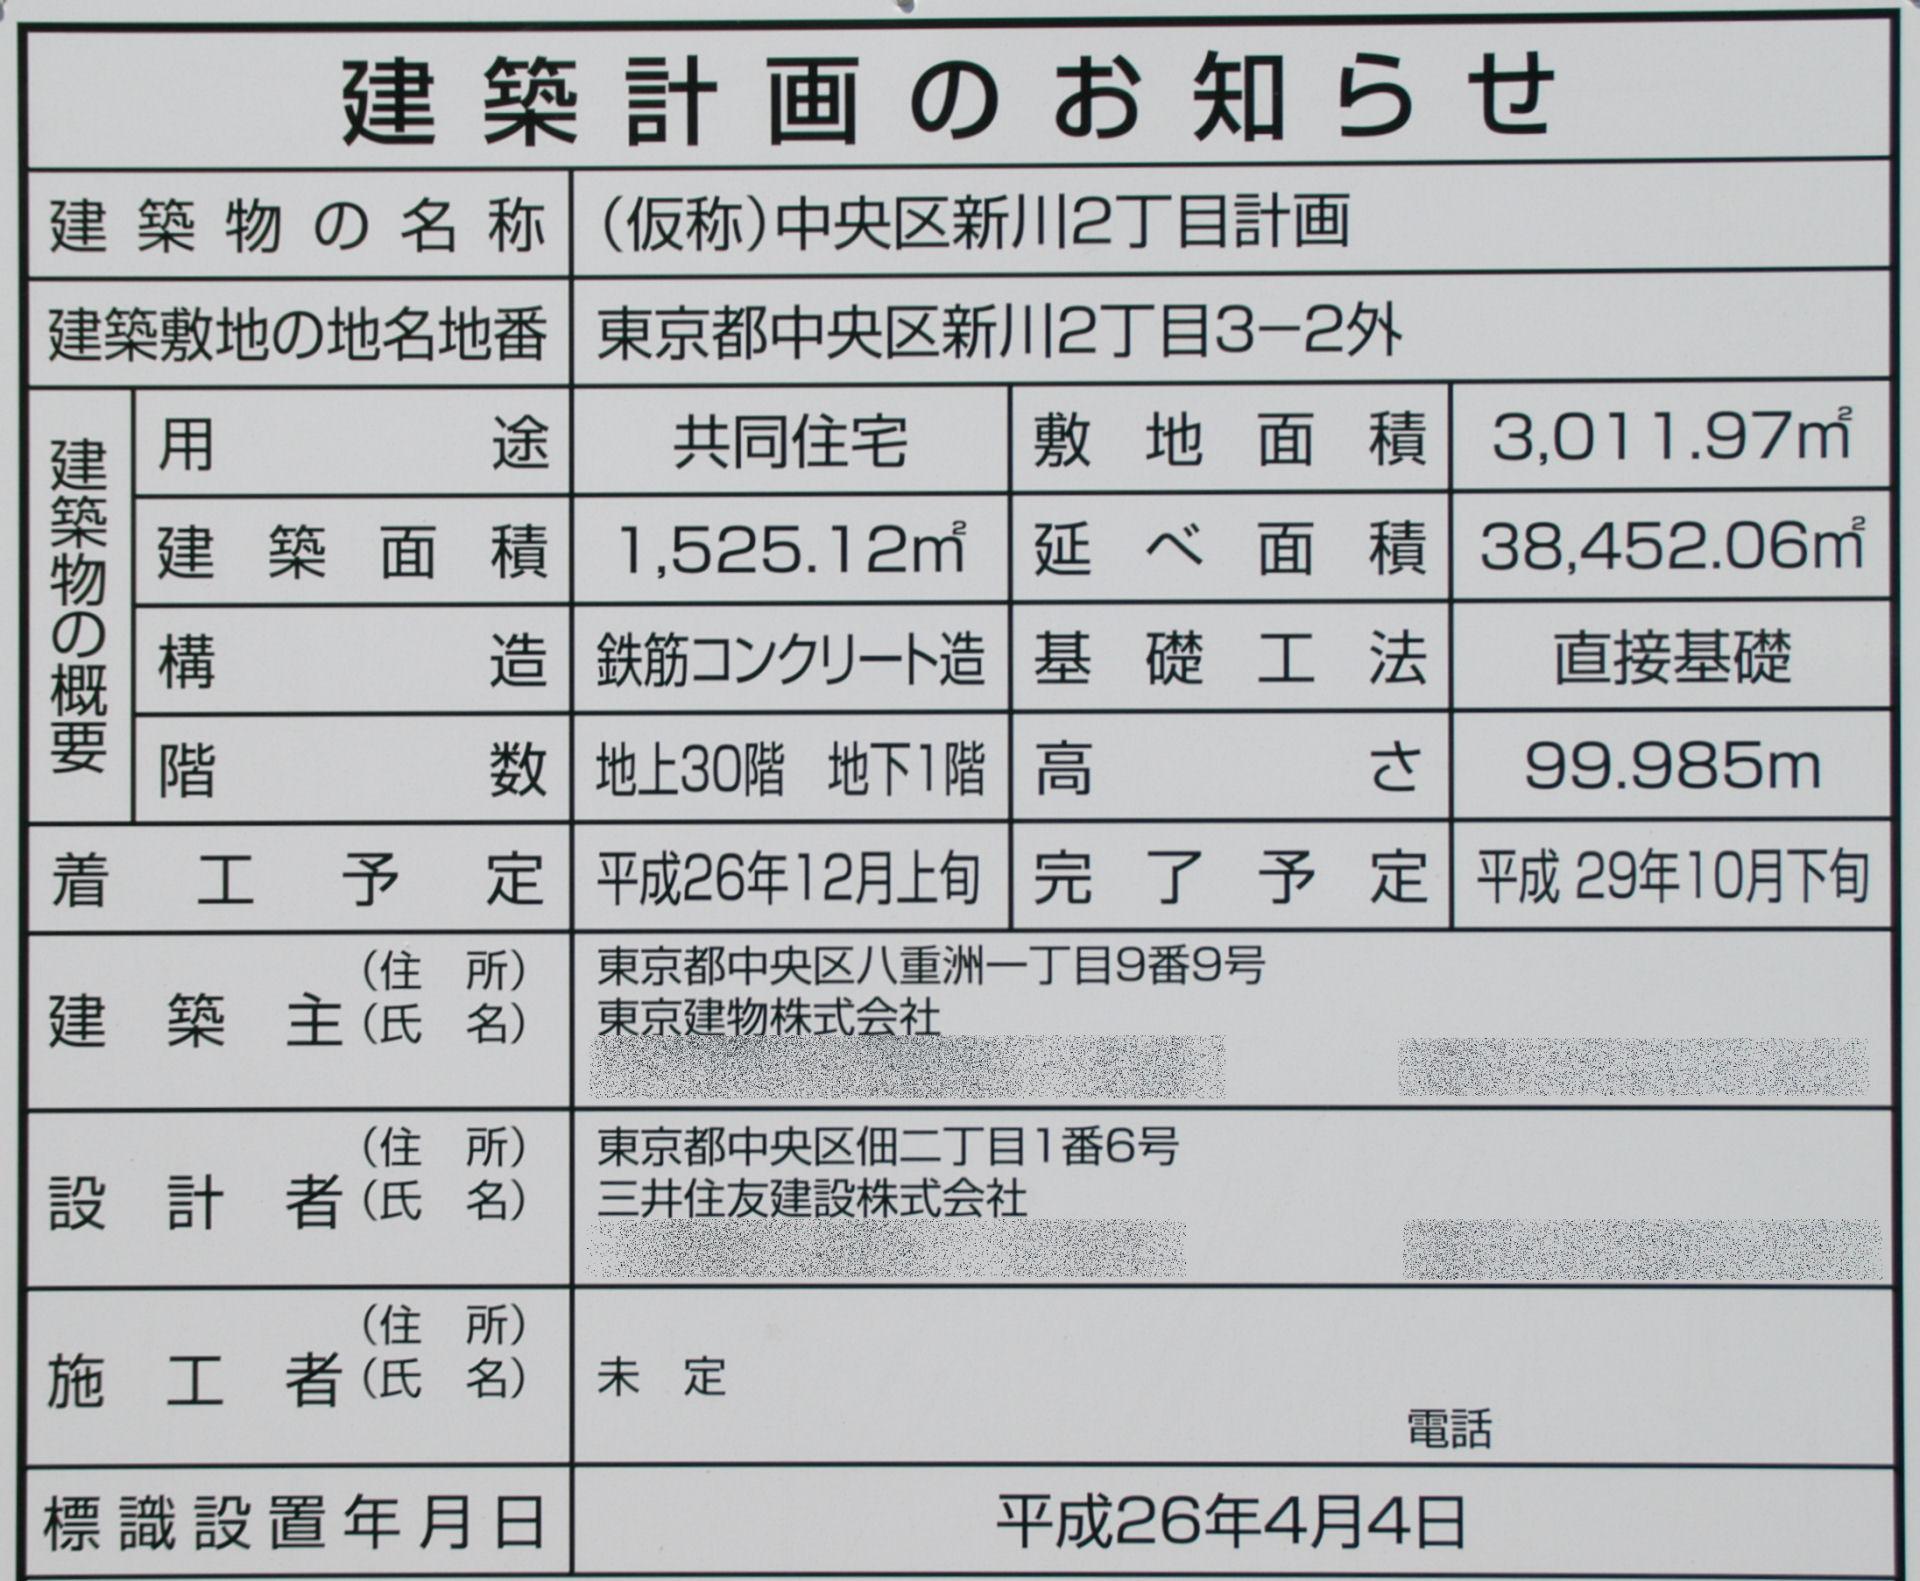 shinkawa14040001e.jpg